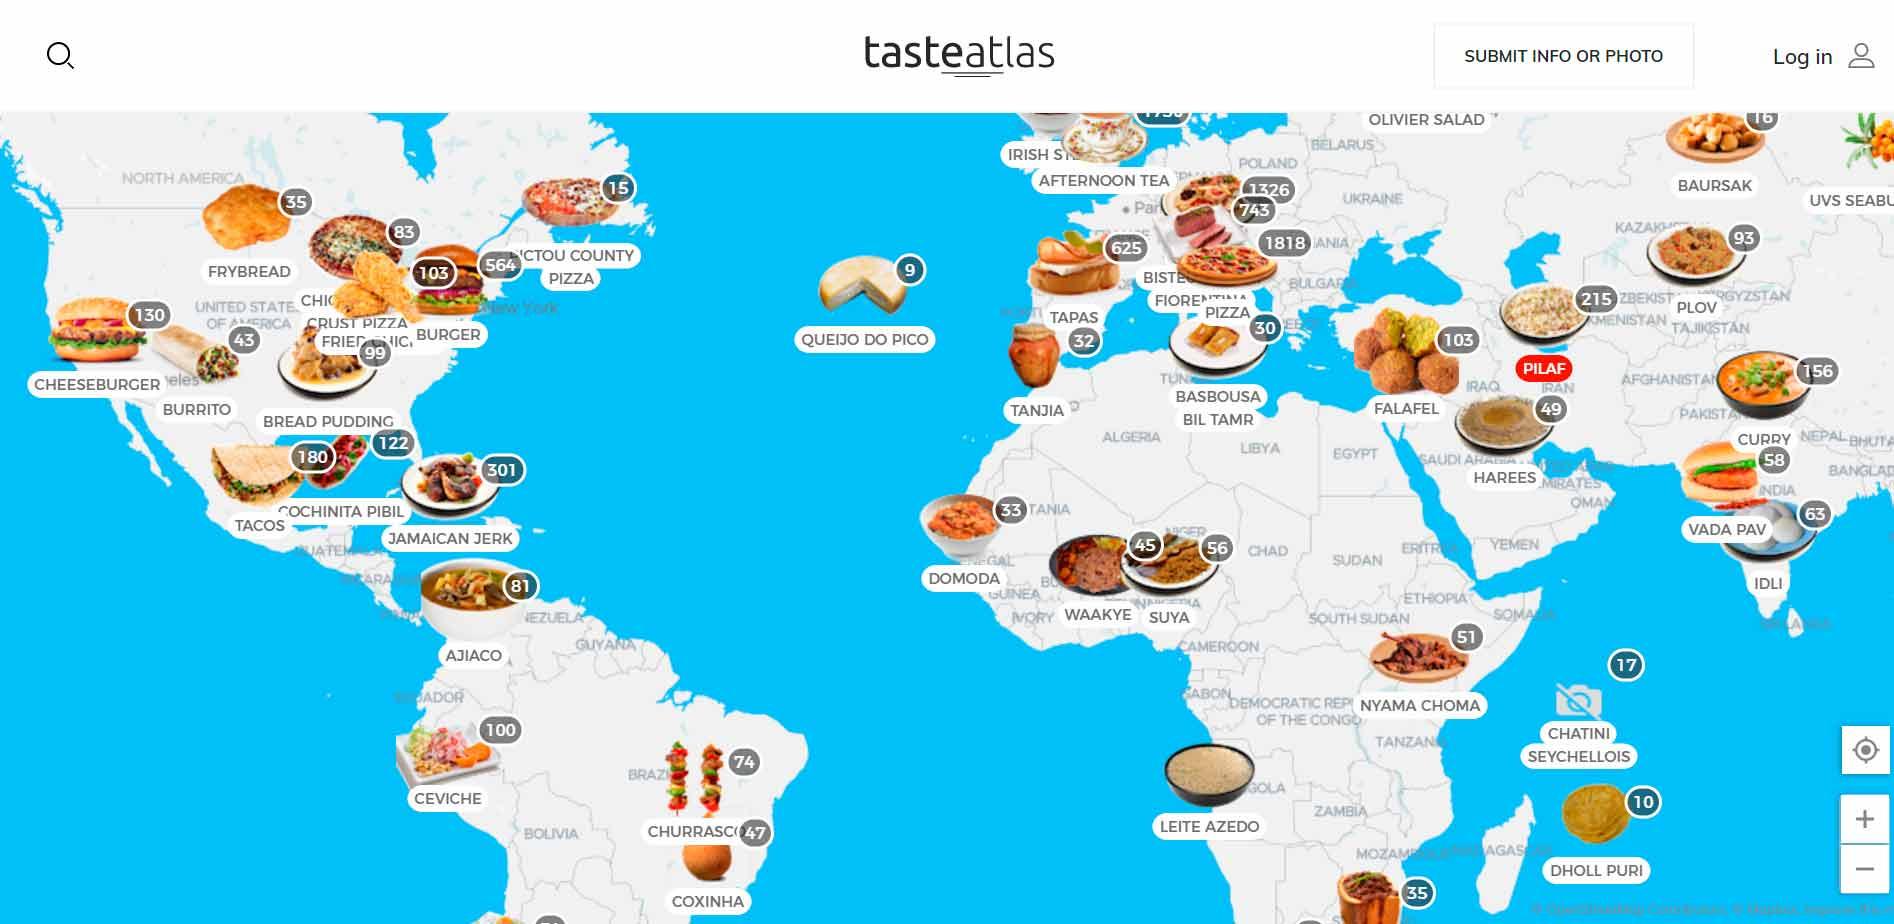 Descubre los mejores platos de cualquier rincón del mundo en un mapa interactivo